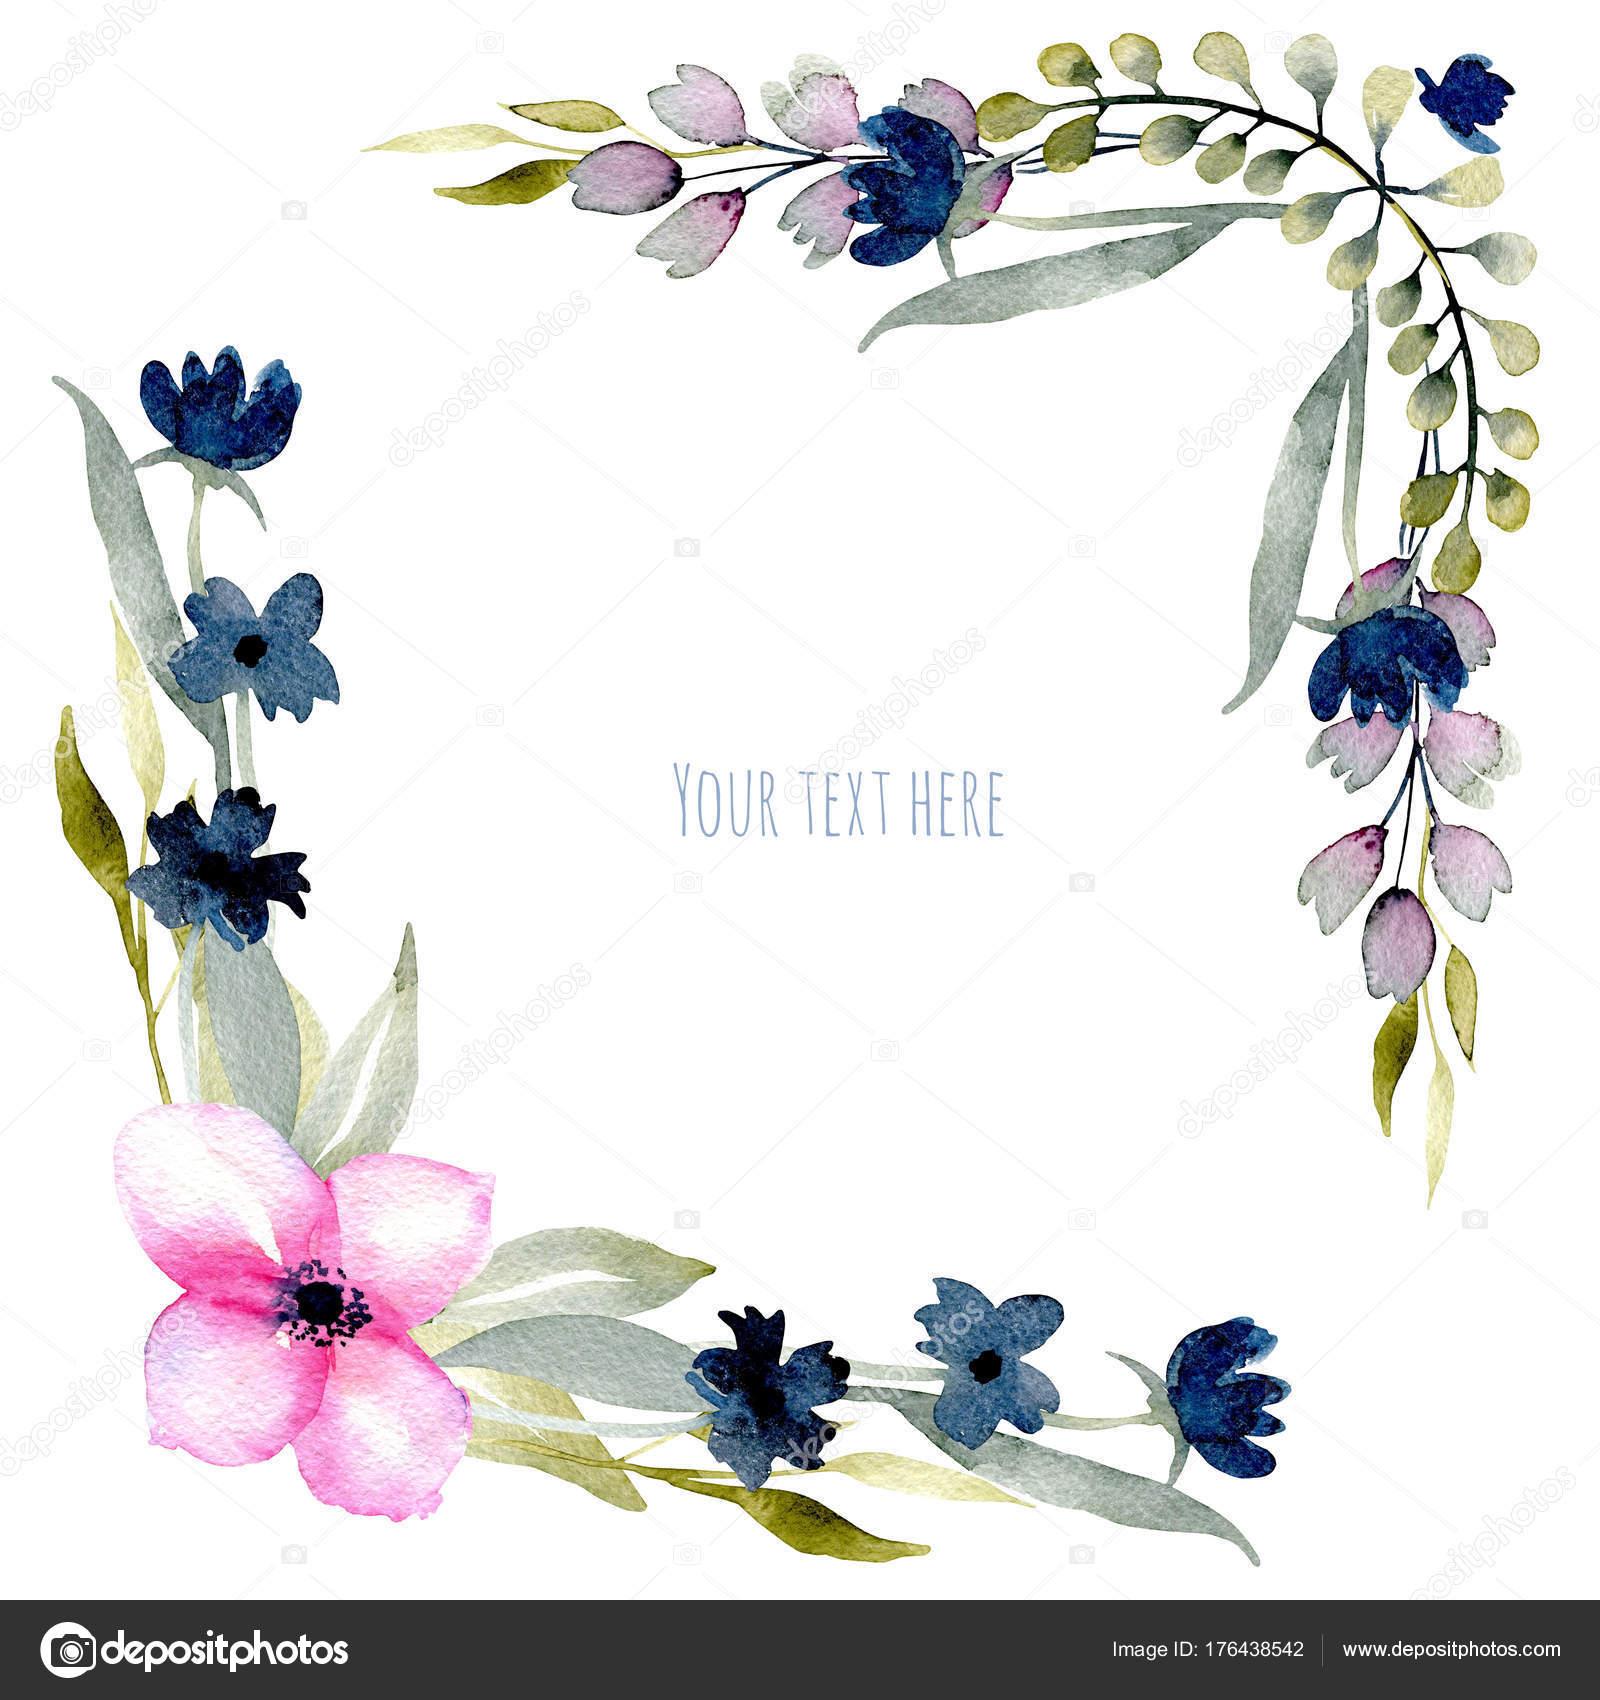 Sulu Boya Pembe Mavi Kır çiçekleri Yeşil Dallar Sınırları Köşe